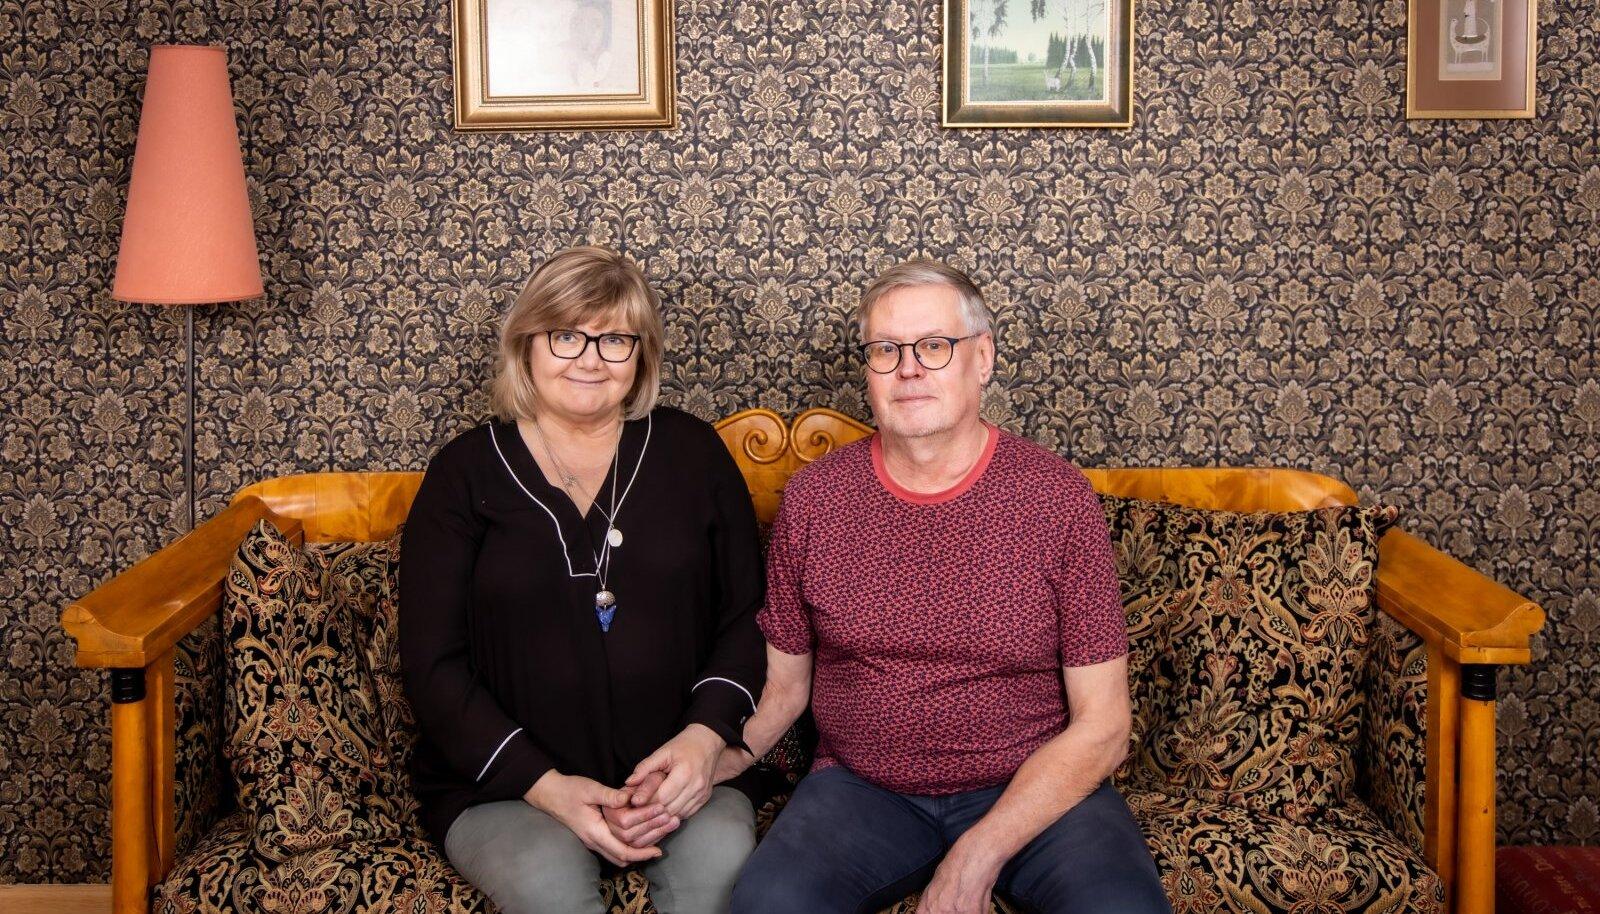 ÕNNELIK PAAR Lavastaja Gerda Kordemets ja ajakirjanik Jaanus Kulli, kes kaks aastat tagasi võtsid vastu otsuse, et tahavad elada linnamelu keskel miljööväärtuslikus kodus, ning tegid selle teoks.